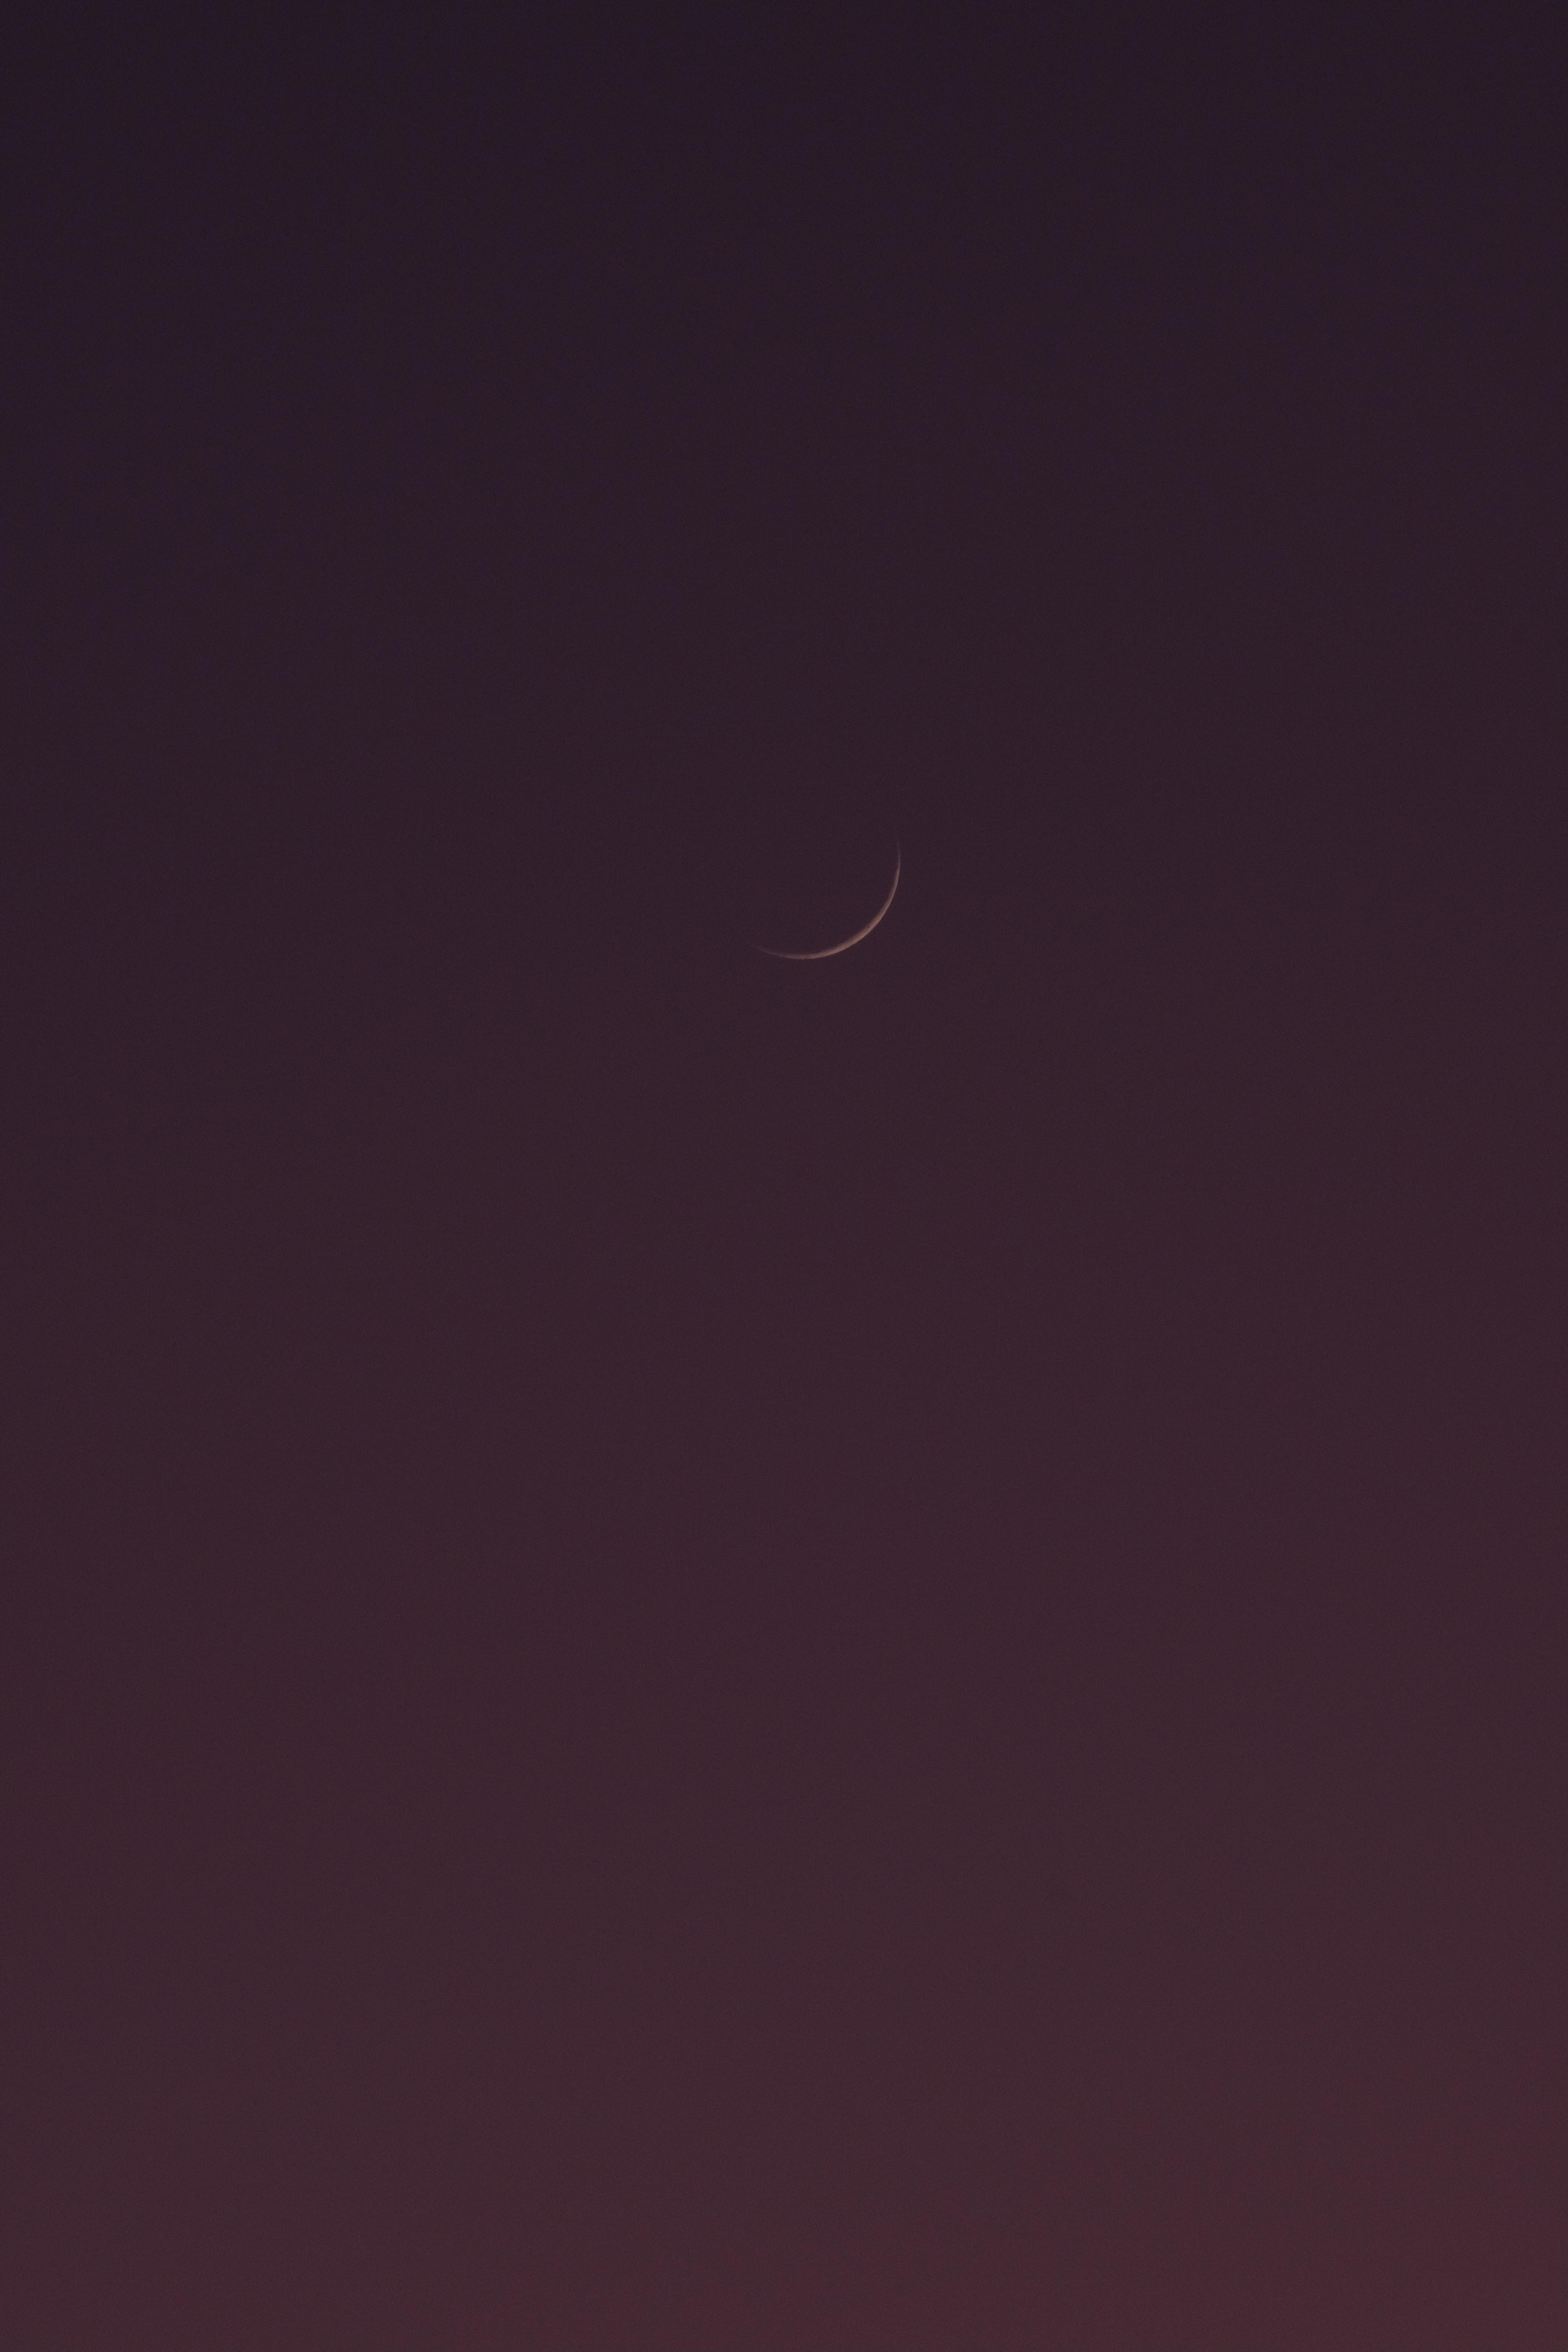 87955 免費下載壁紙 极简主义, 月球, 天空, 夜 屏保和圖片